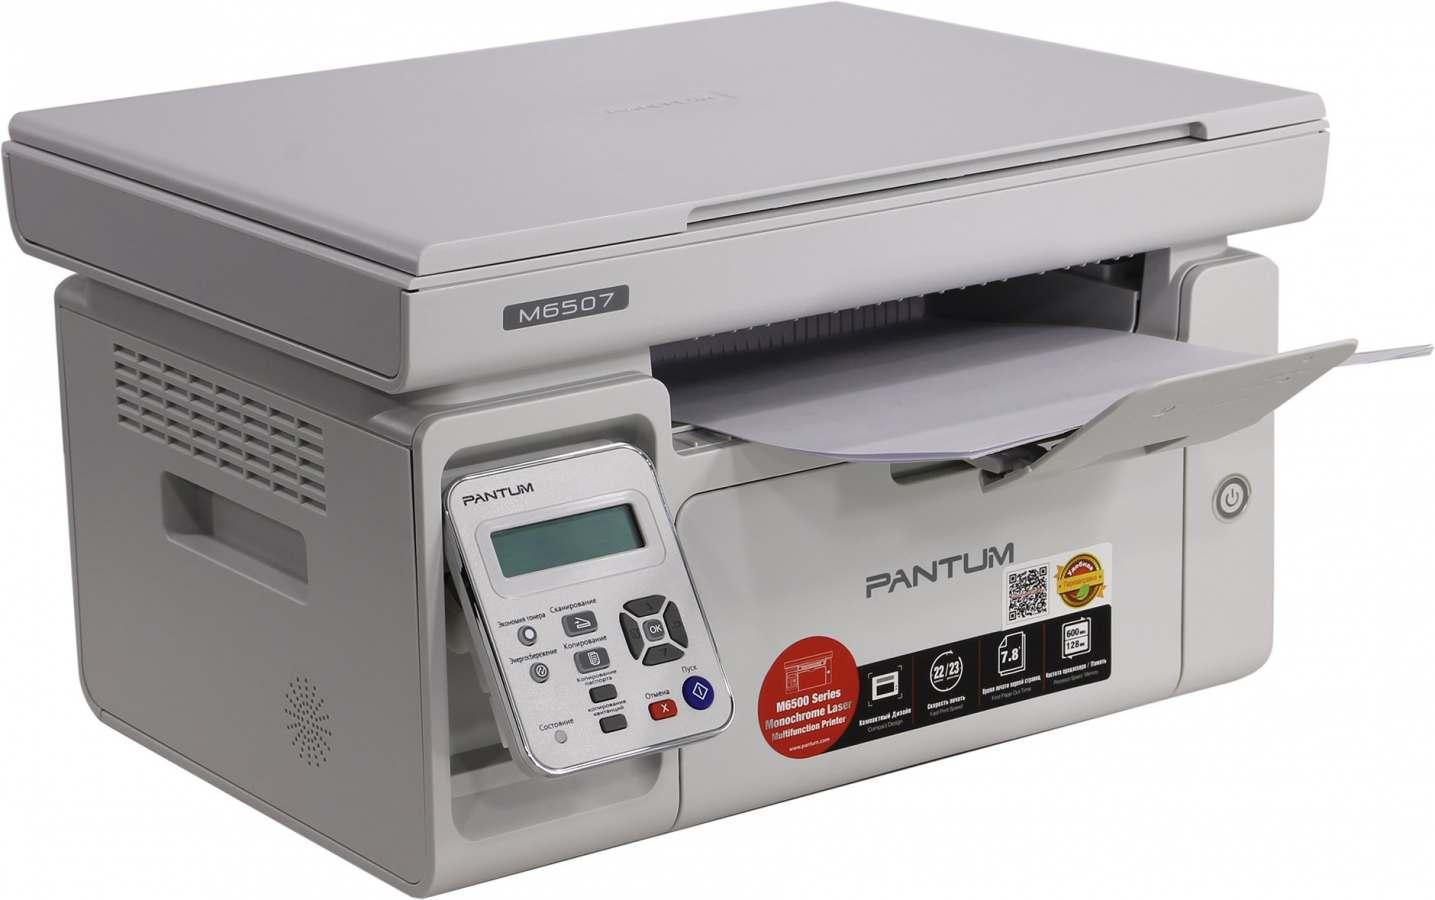 Pantum M6507W